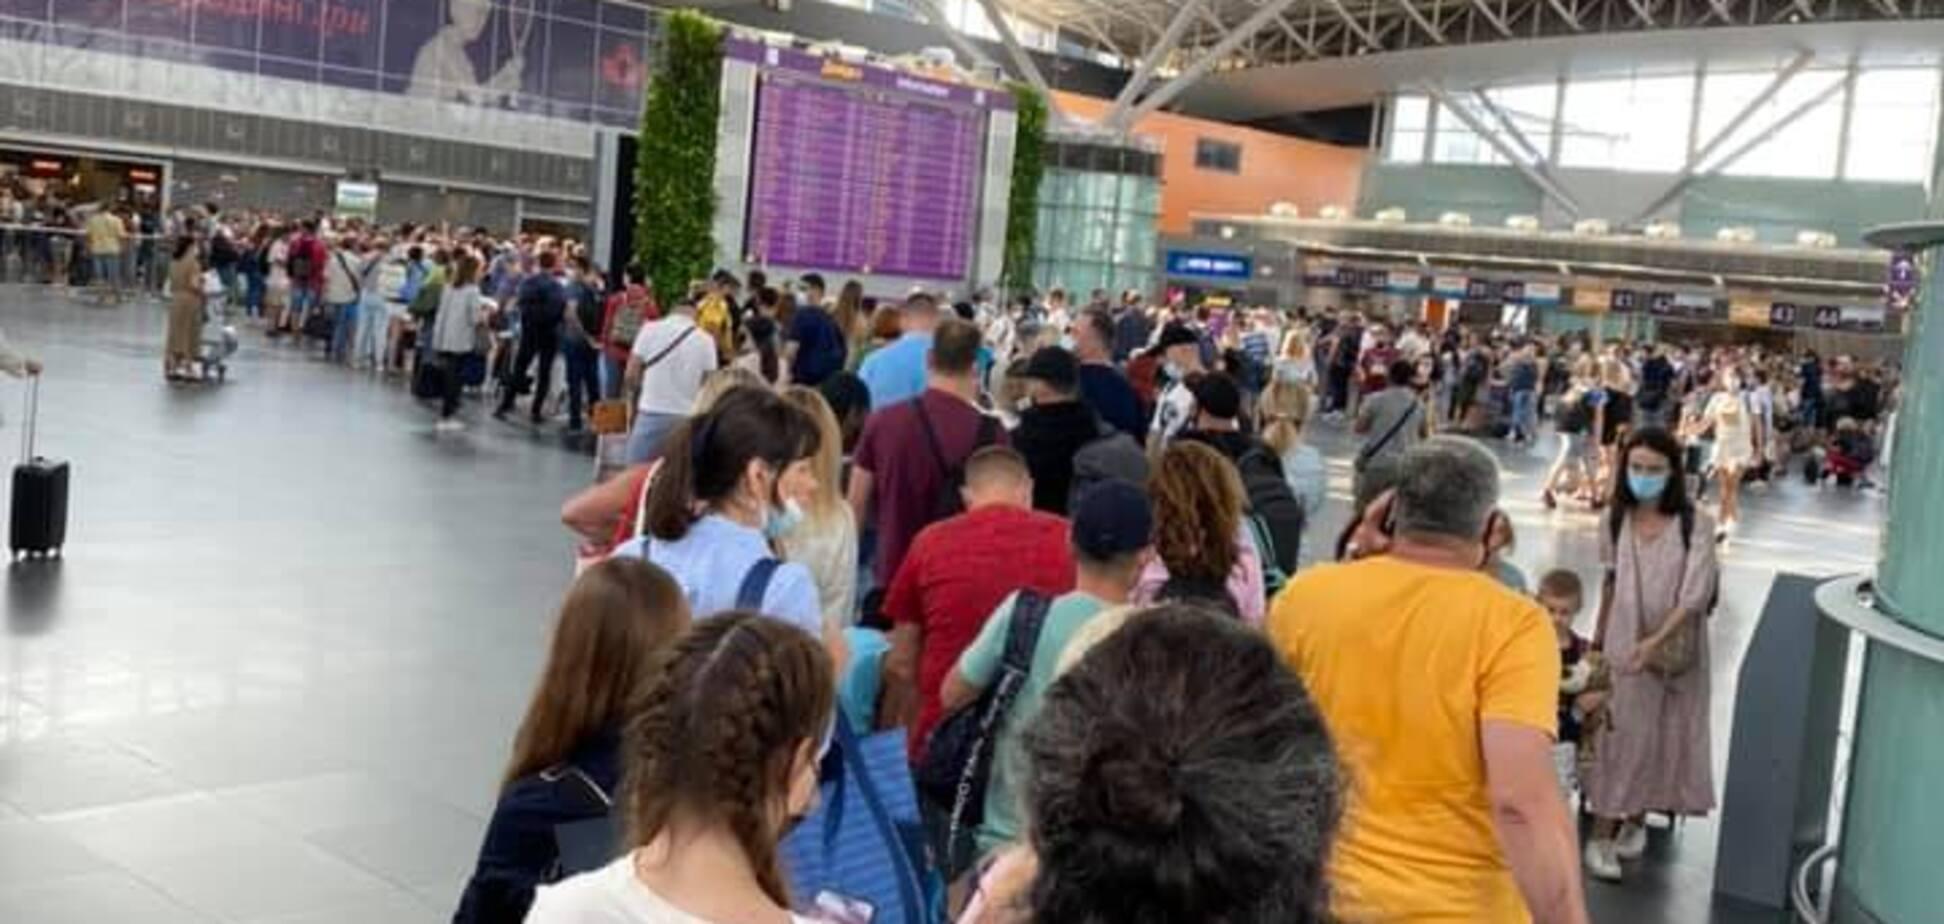 Для детей в аэропорту есть отдельный вход: почему в Борисполе об этом молчат?